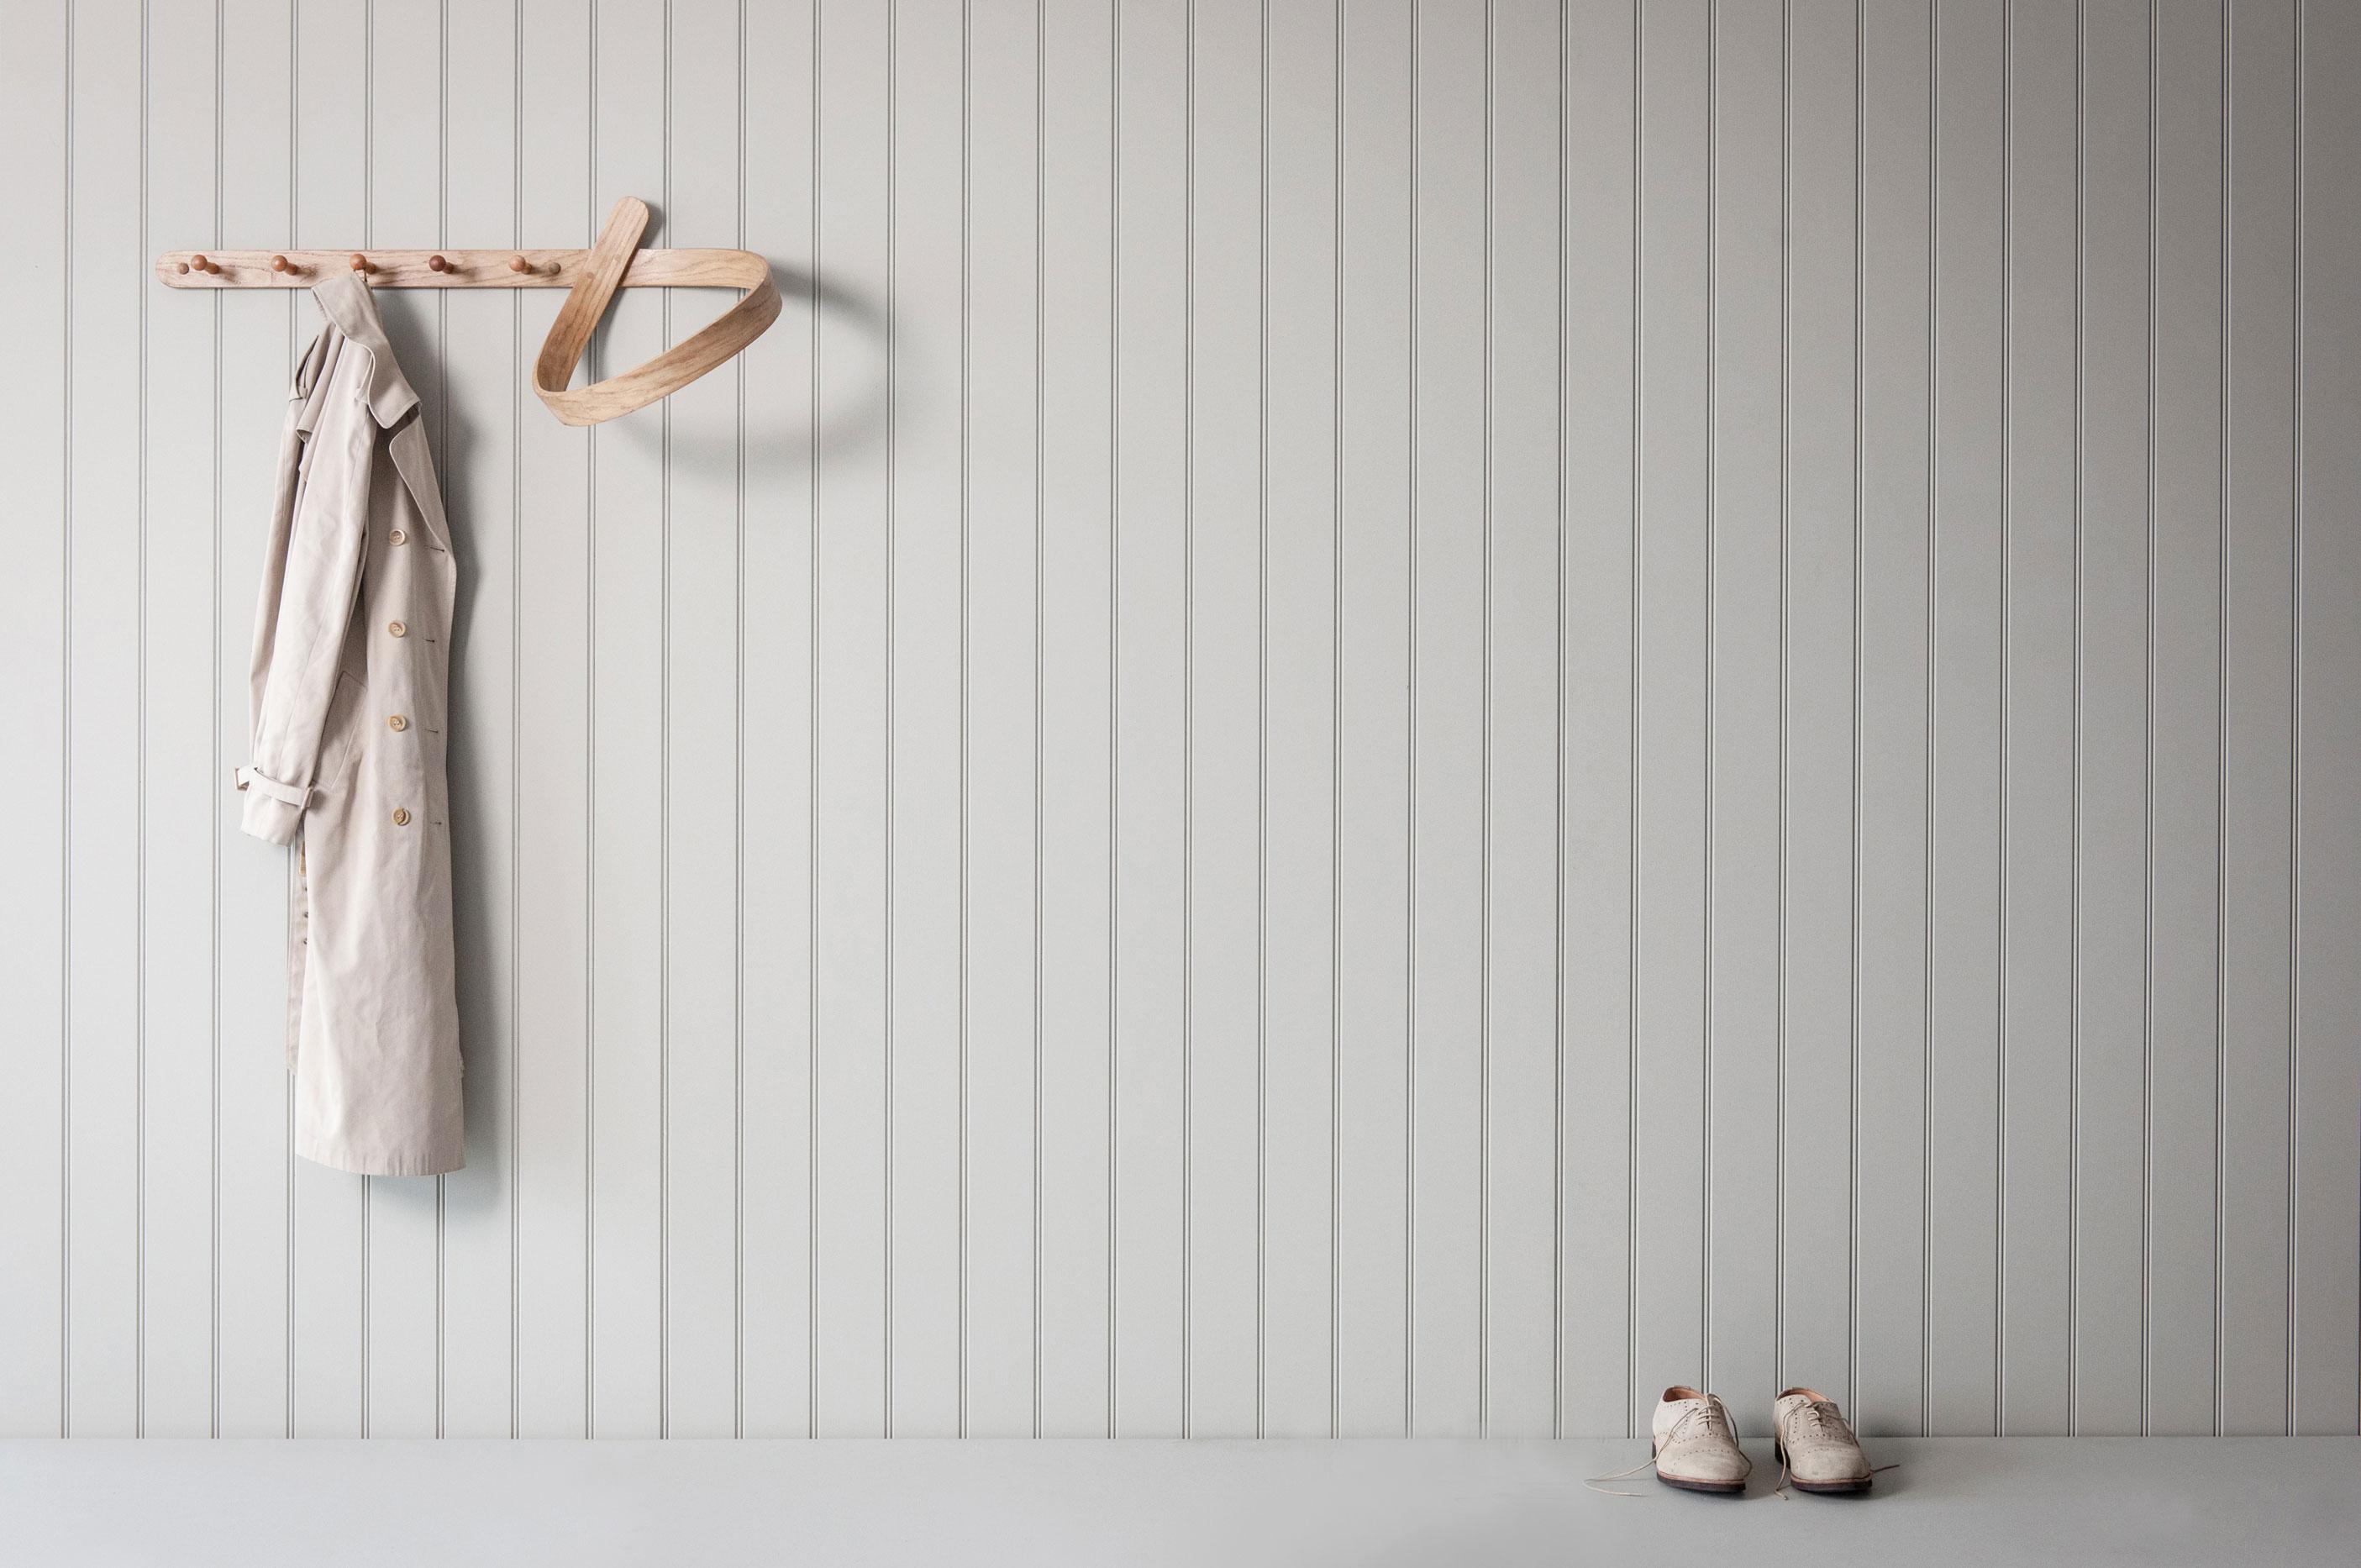 Die moderne Wandgarderobe COAT LOOP von Tom Raffield setzt Kleidung besonders schön in Szene